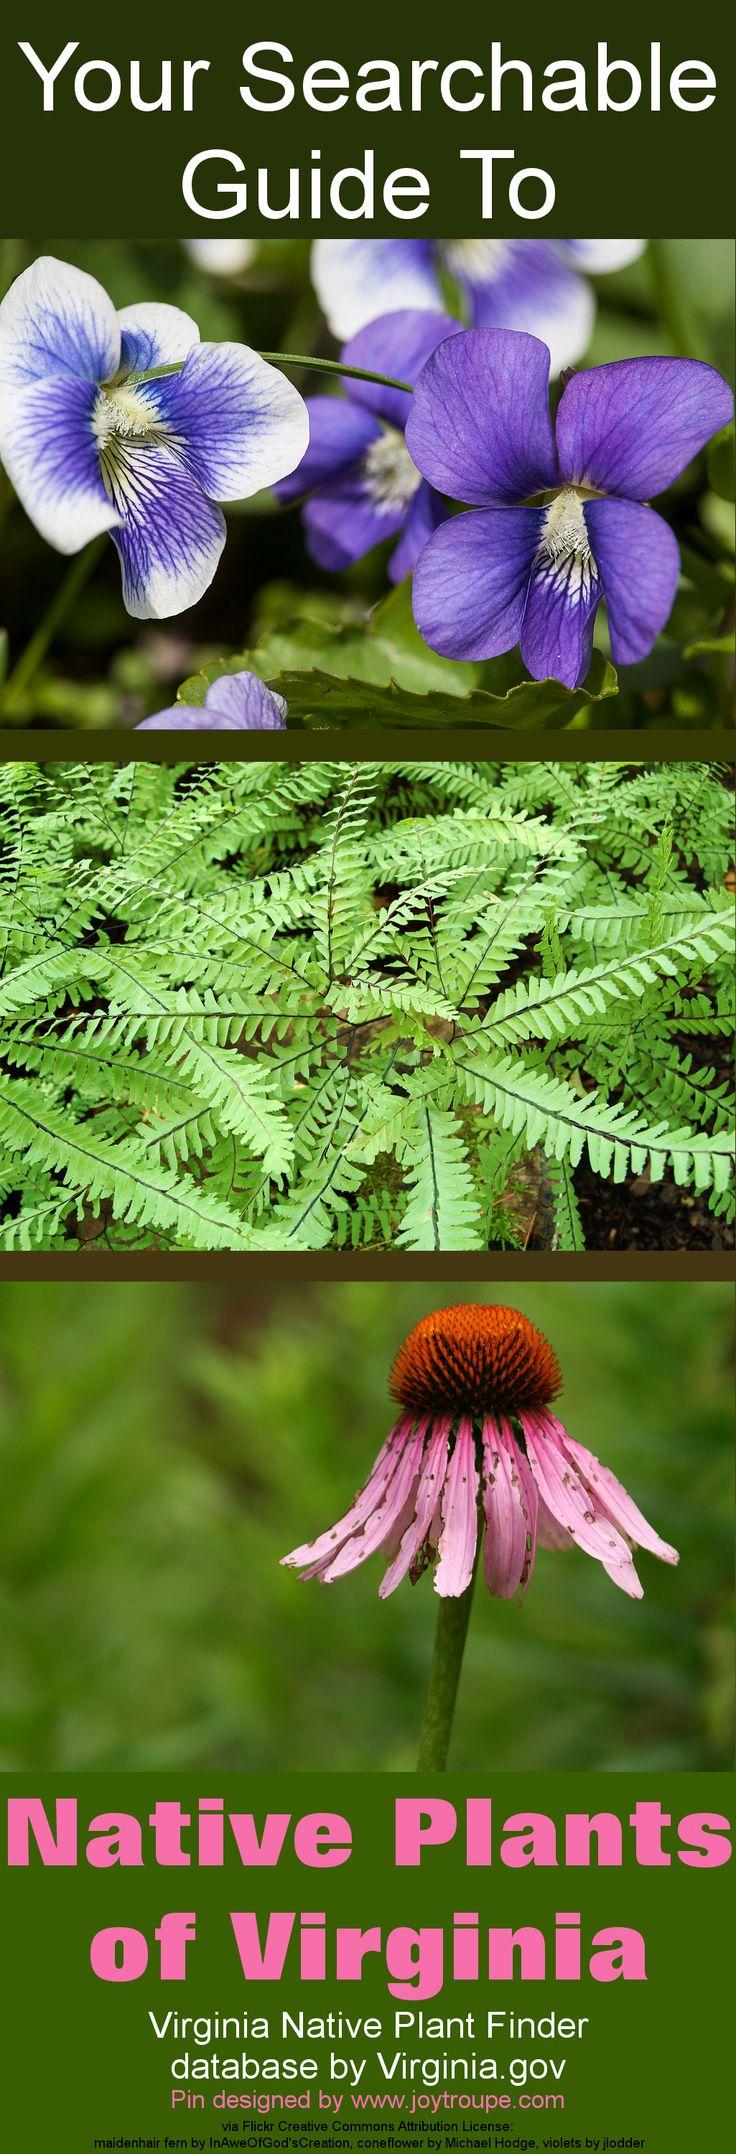 wildlife gardening virginia